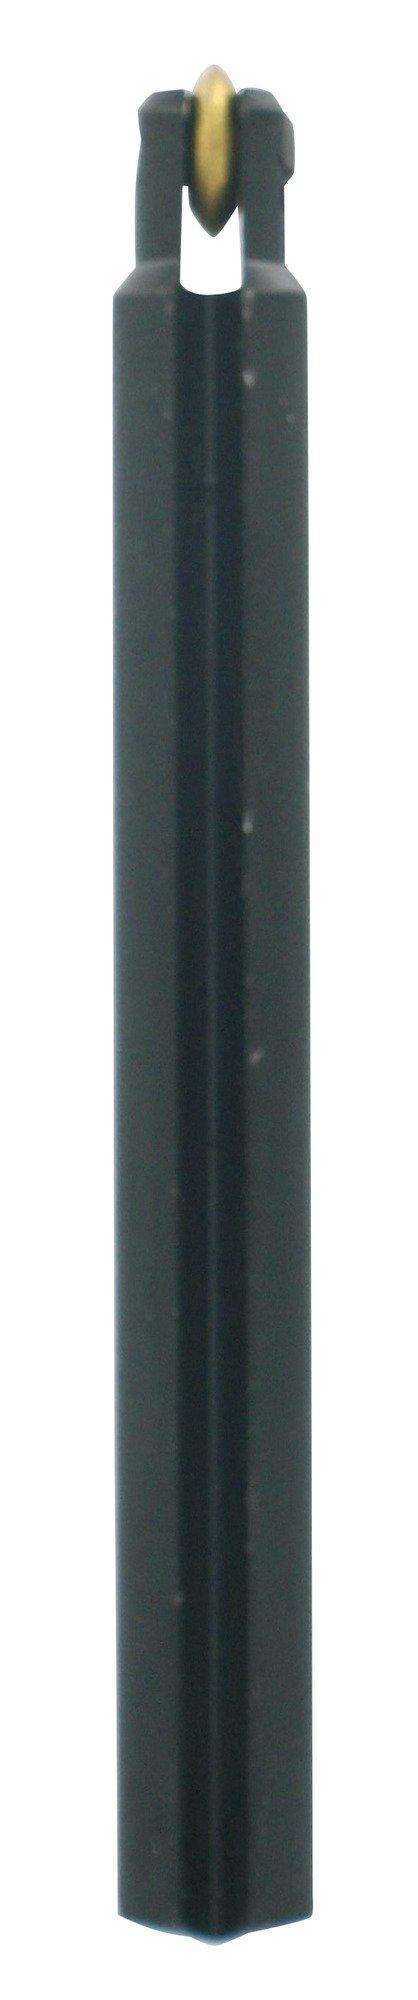 51b5GYN5y3L - RODEL PLUS DIA 10mm GOLD RUBI